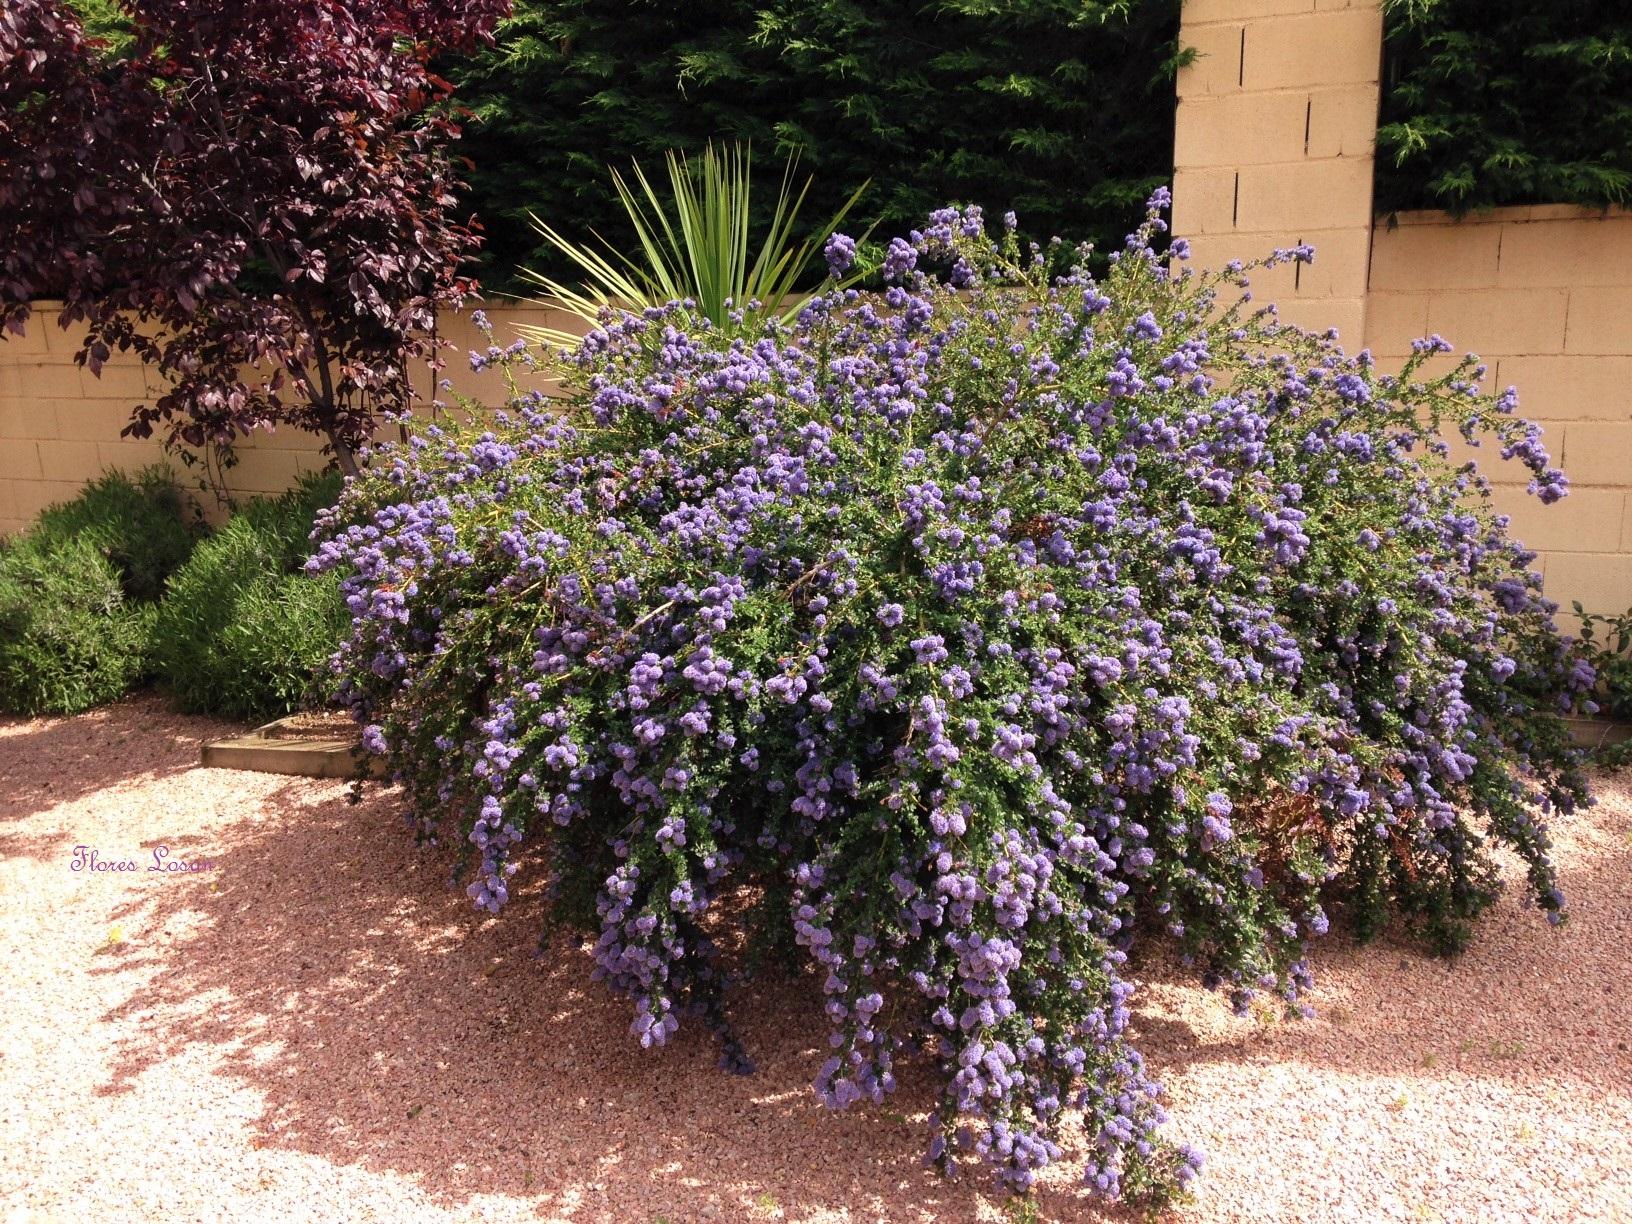 Arbustos de jardin con flores latest este tpico un arbusto de flores rojas tambin puede - Arbustos de jardin ...